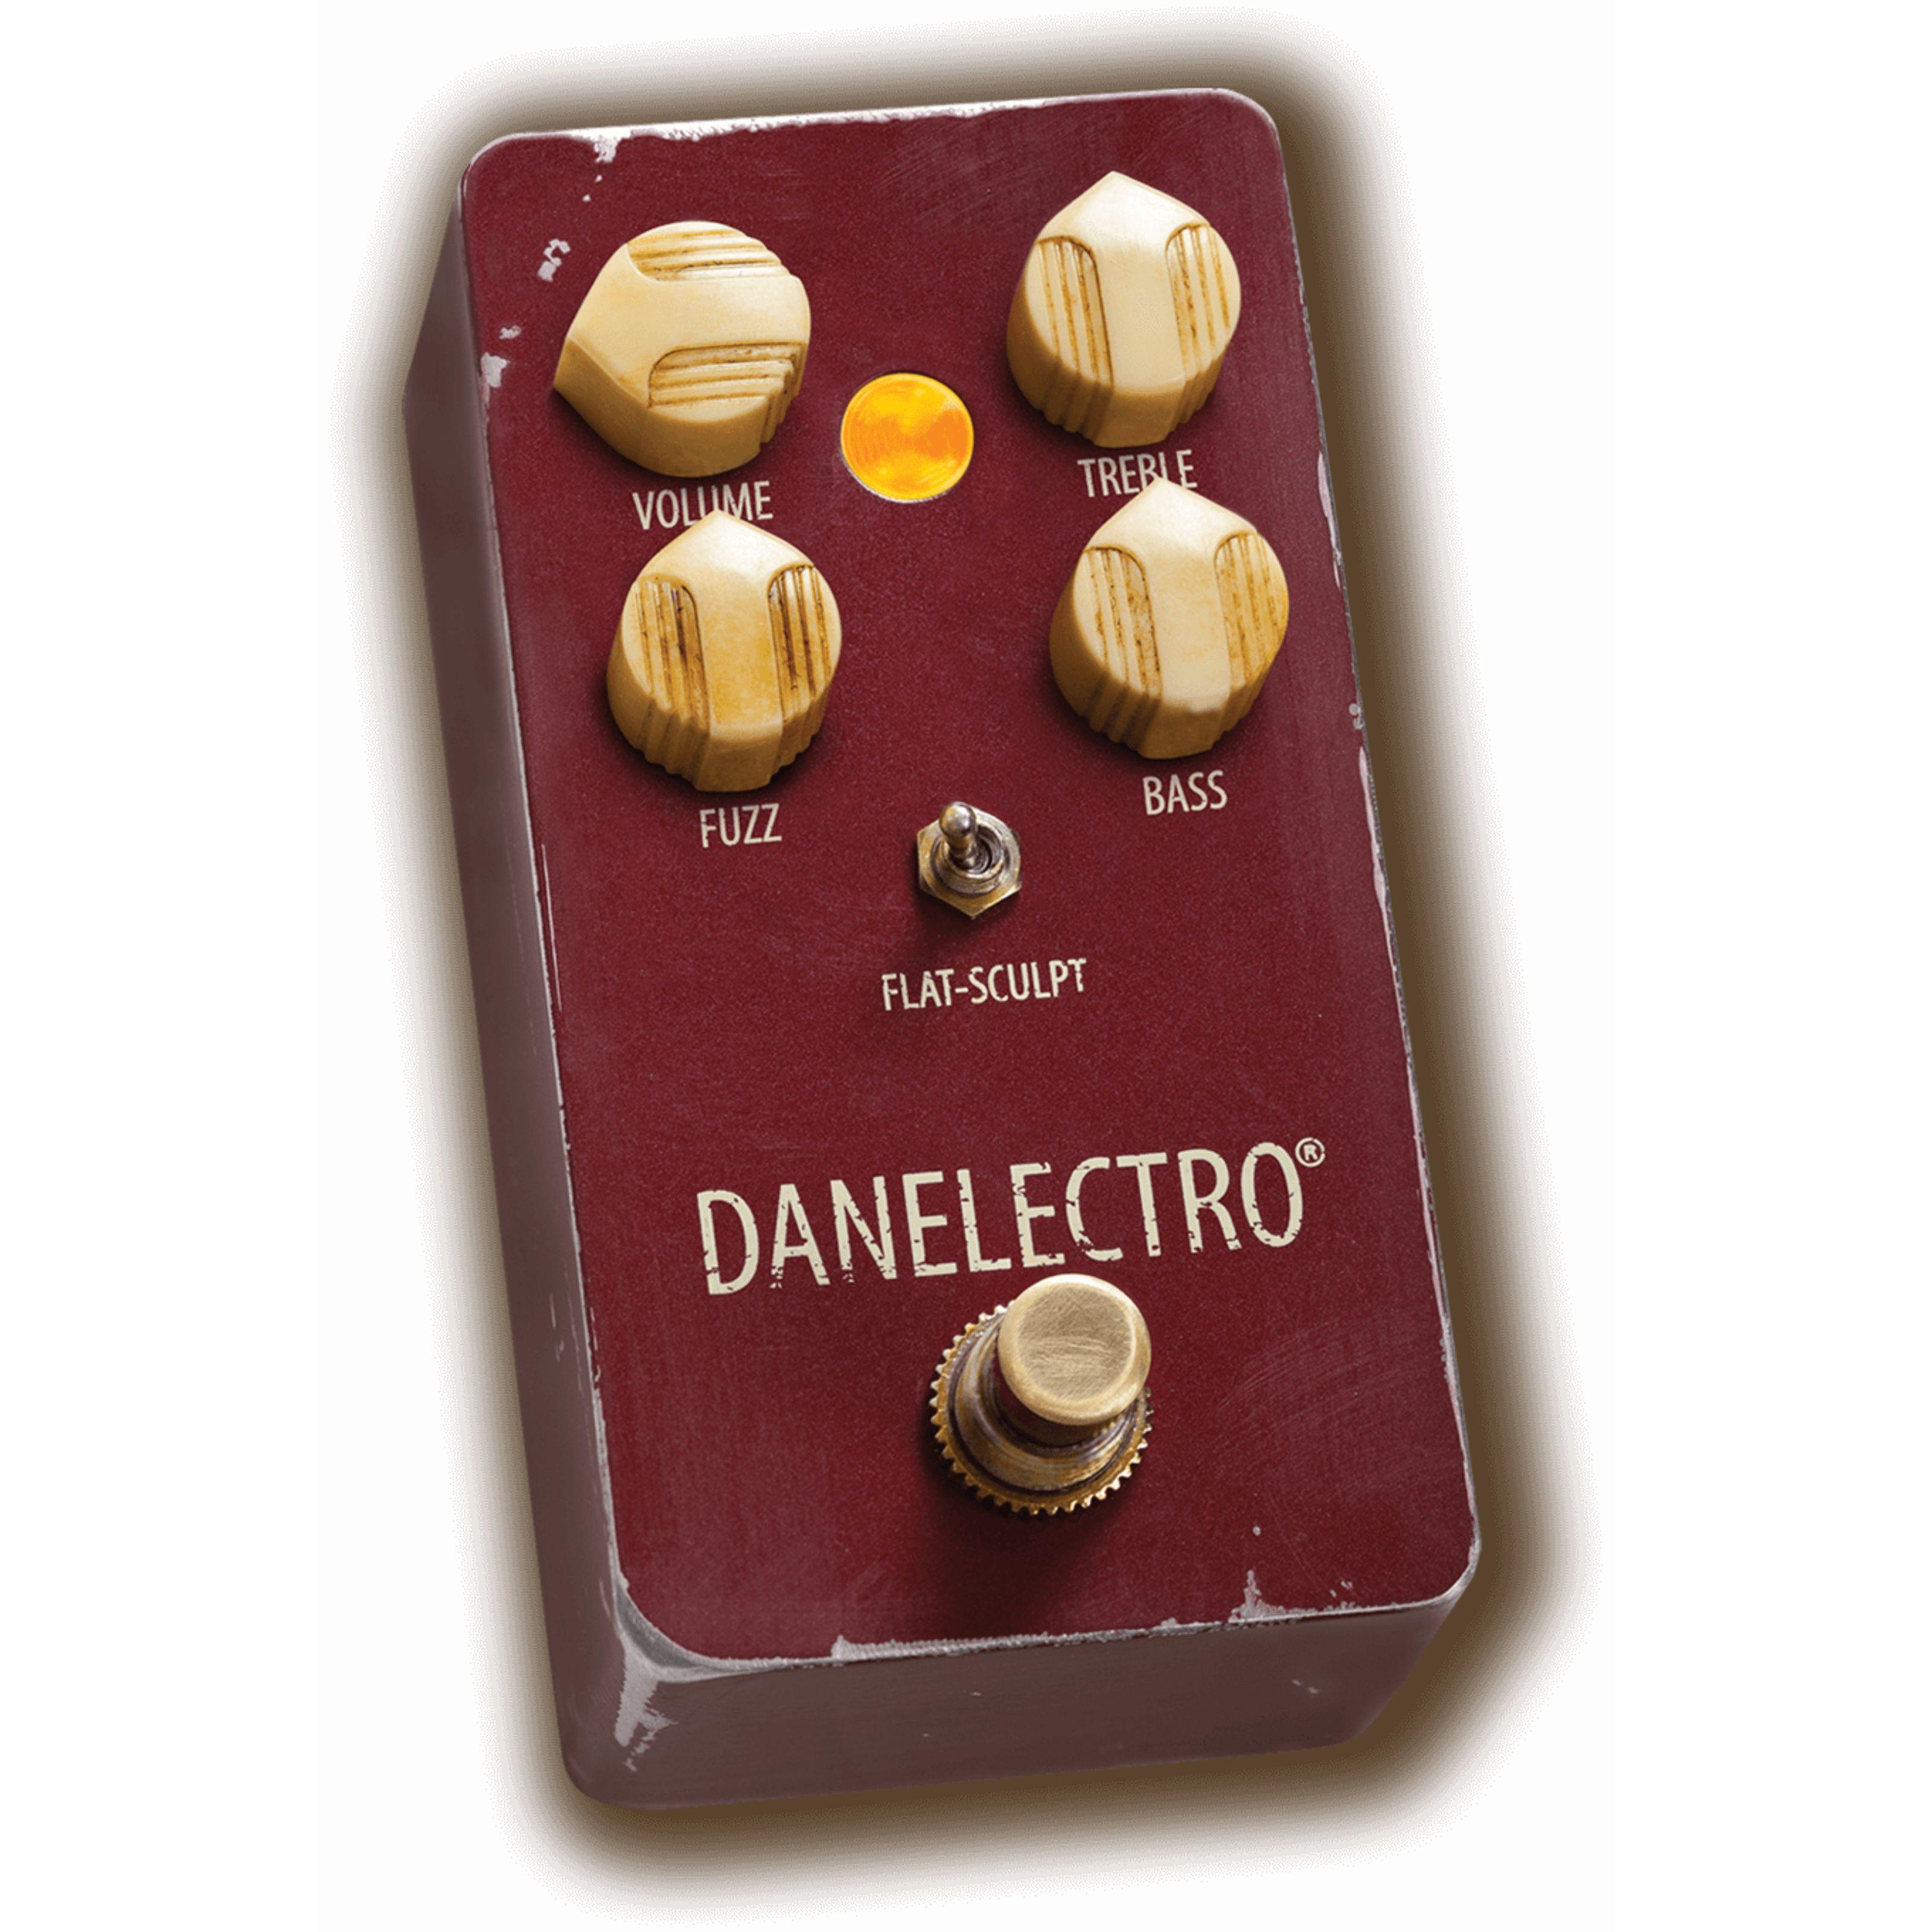 Danelectro - The Eisenhower Fuzz EF-1